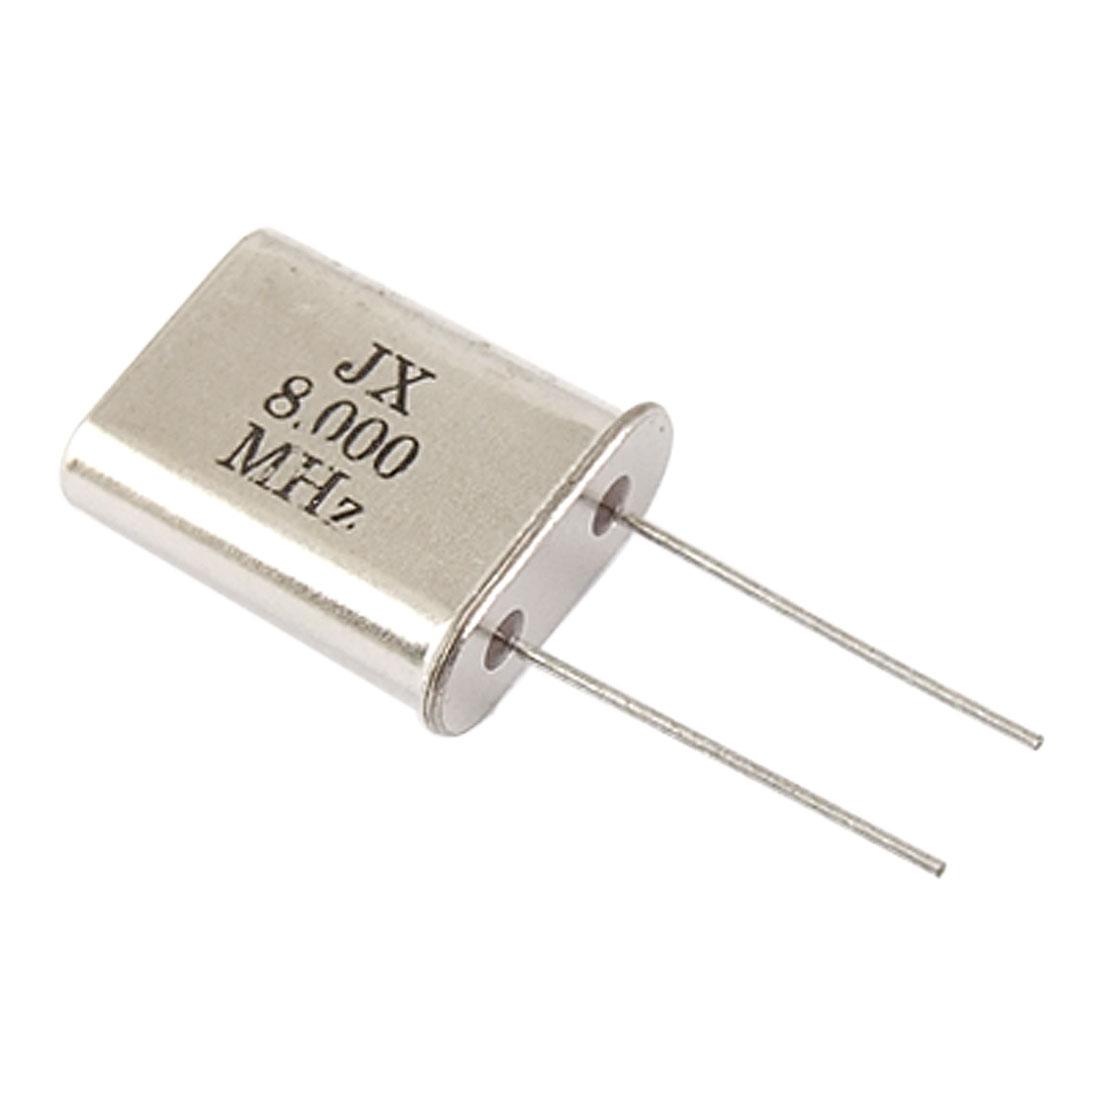 100 Pcs 8MHz 8.000MHz DIP Cyrstal Oscillators HC-49/U